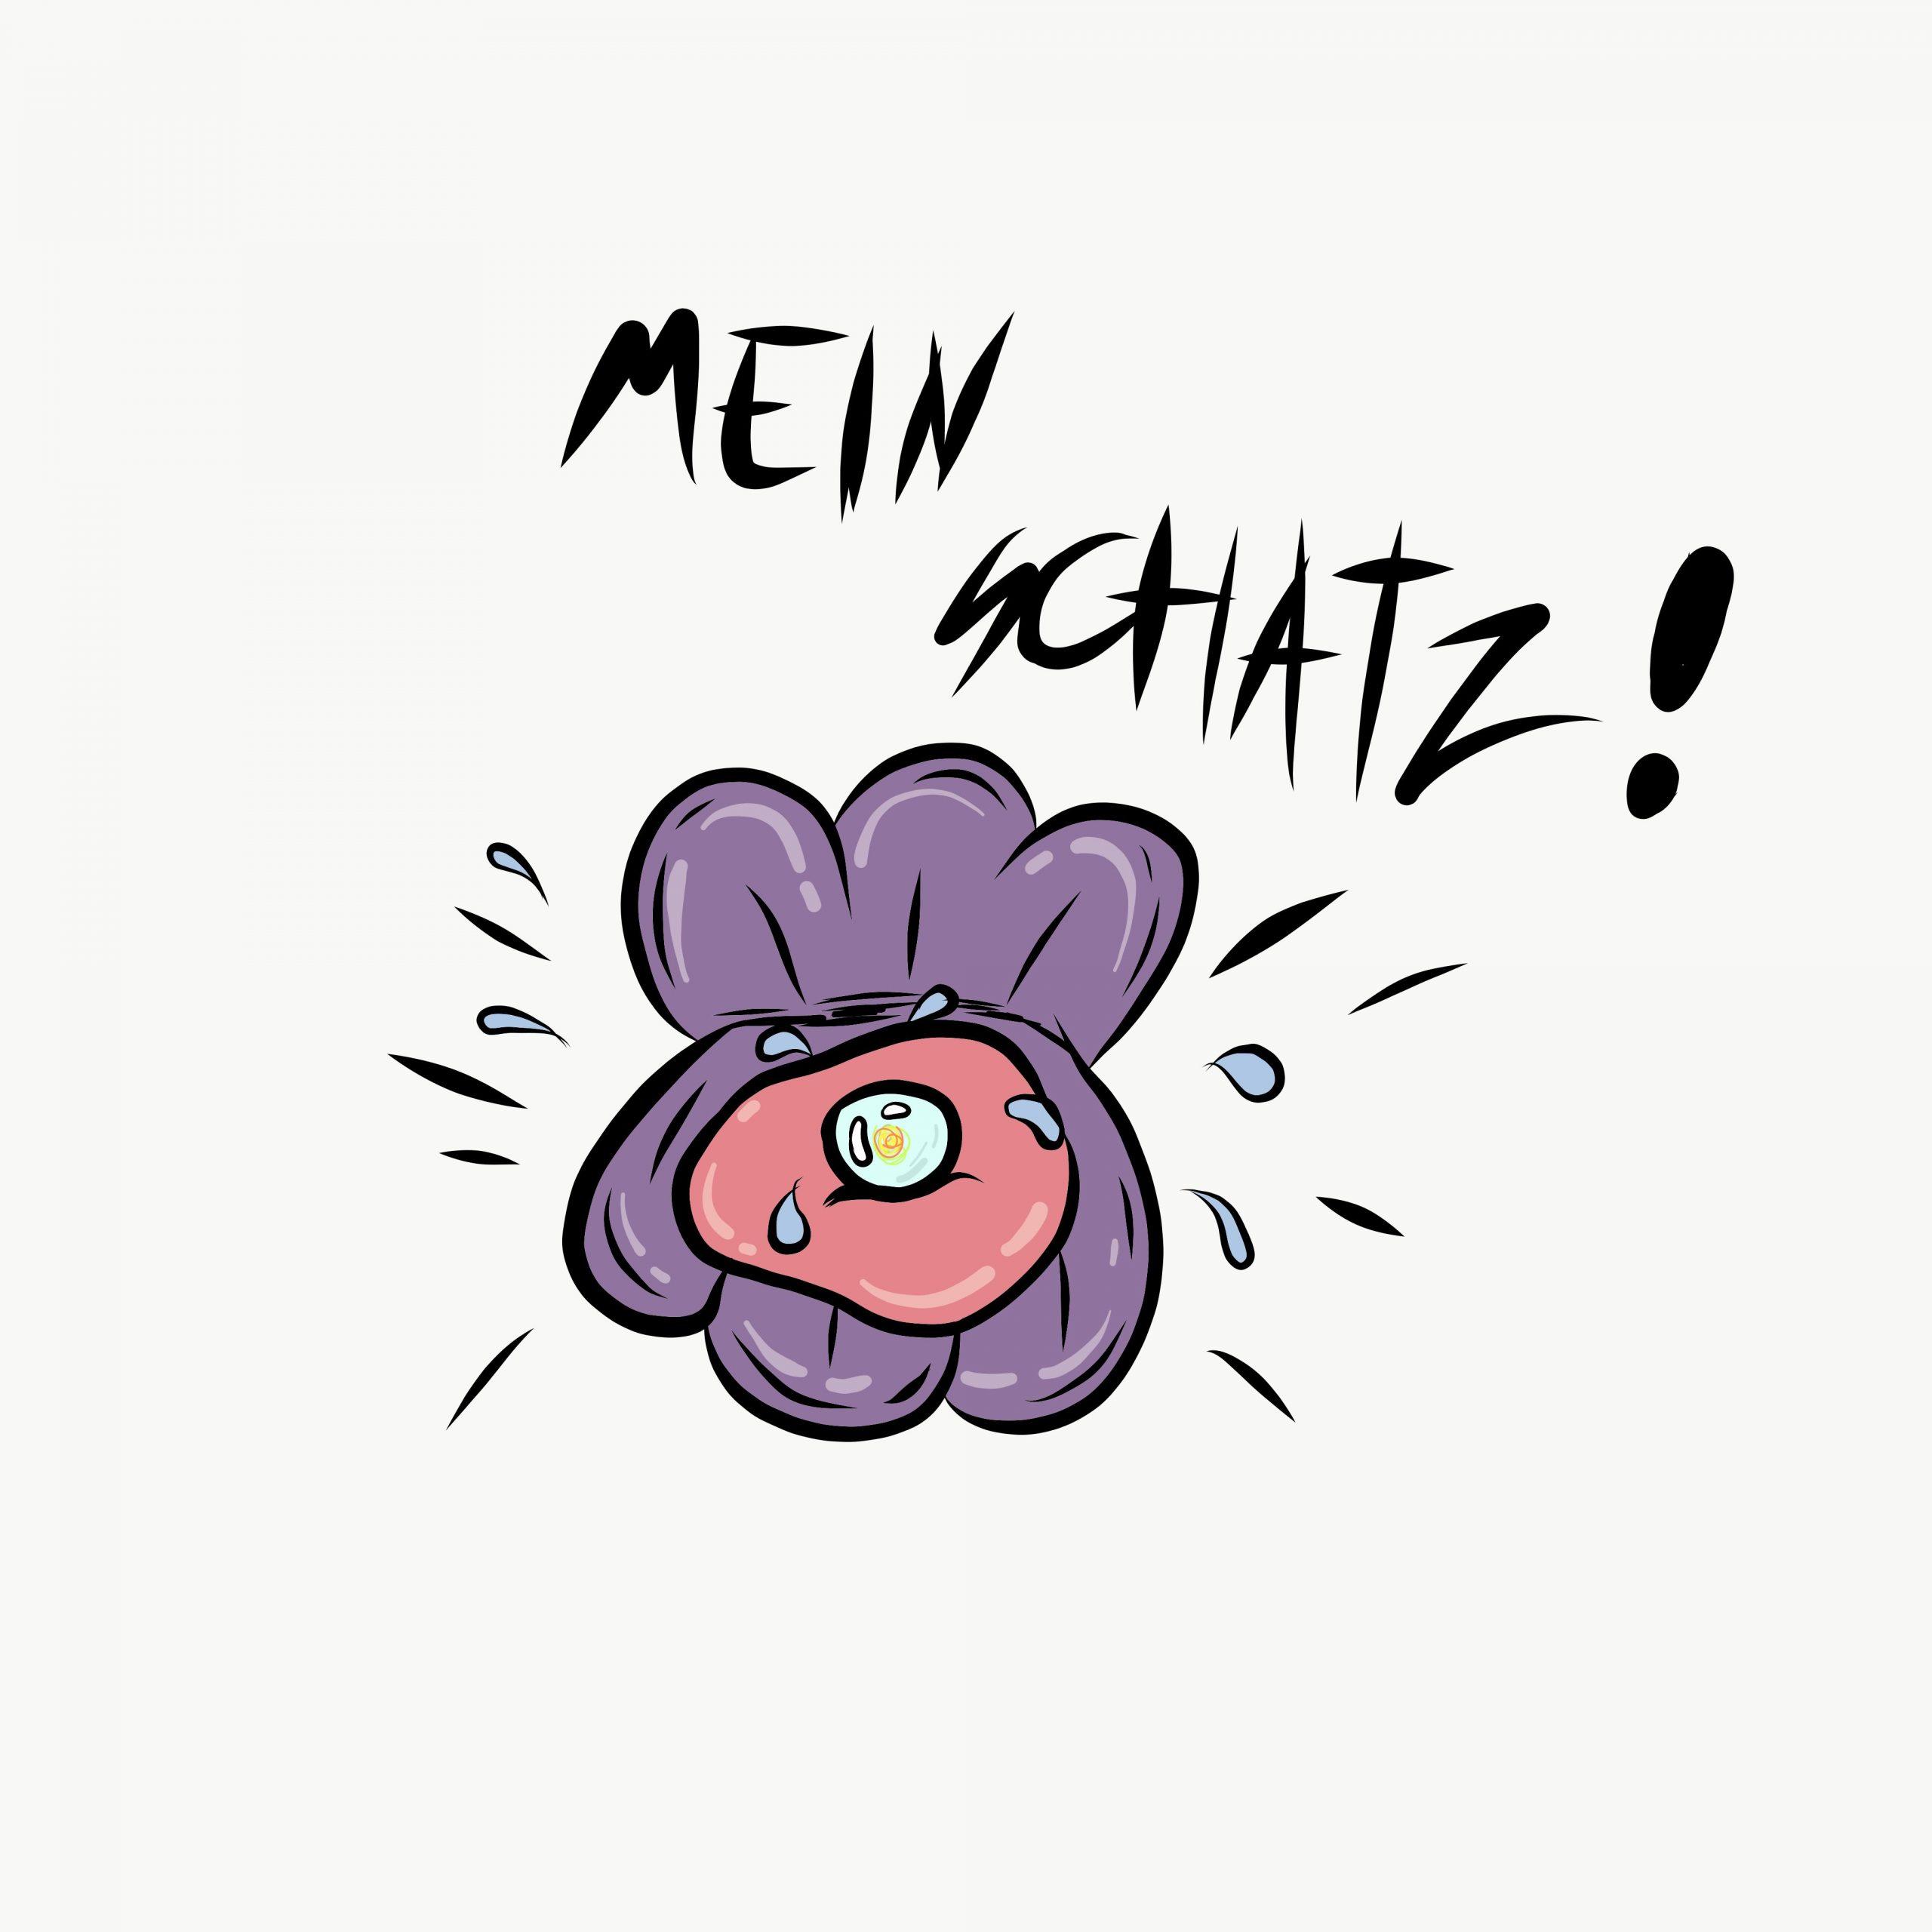 Die Perle Einer Muschel | Perlen Und Muscheln verwandt mit Comic Muschel